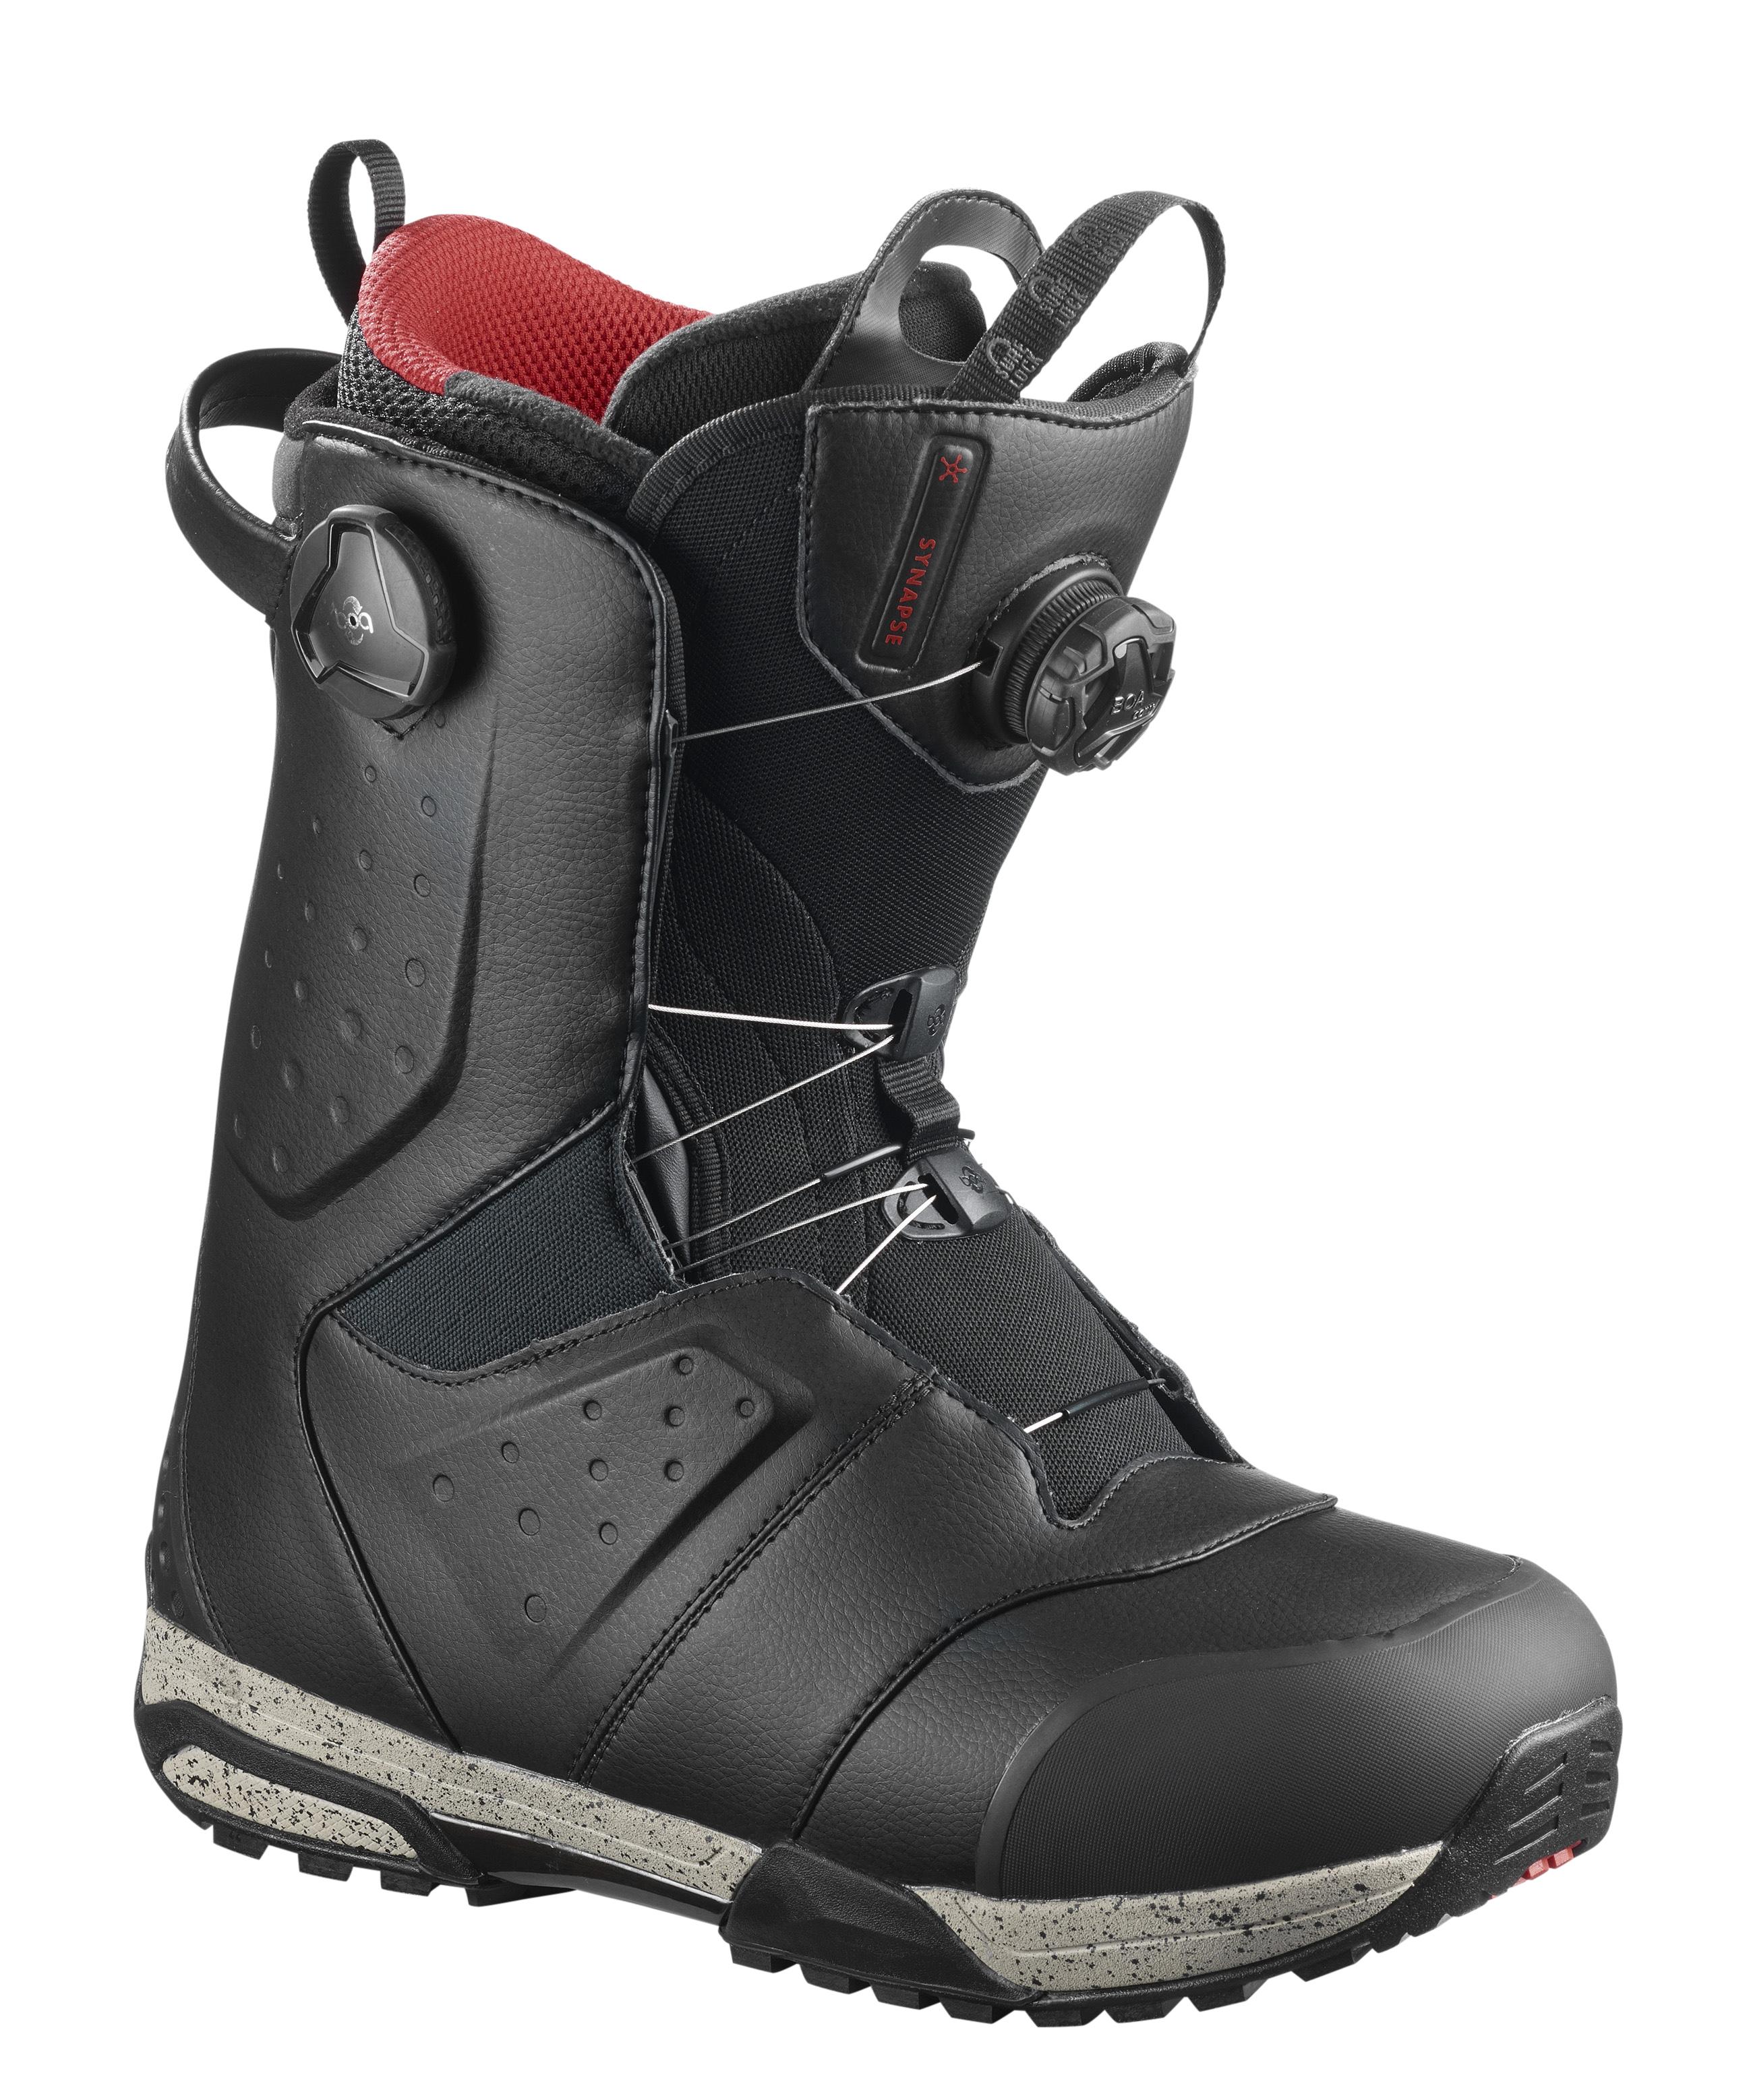 2d904f96b7 Salomon Synapse Focus BOA Mens Snowboard Boot 2019